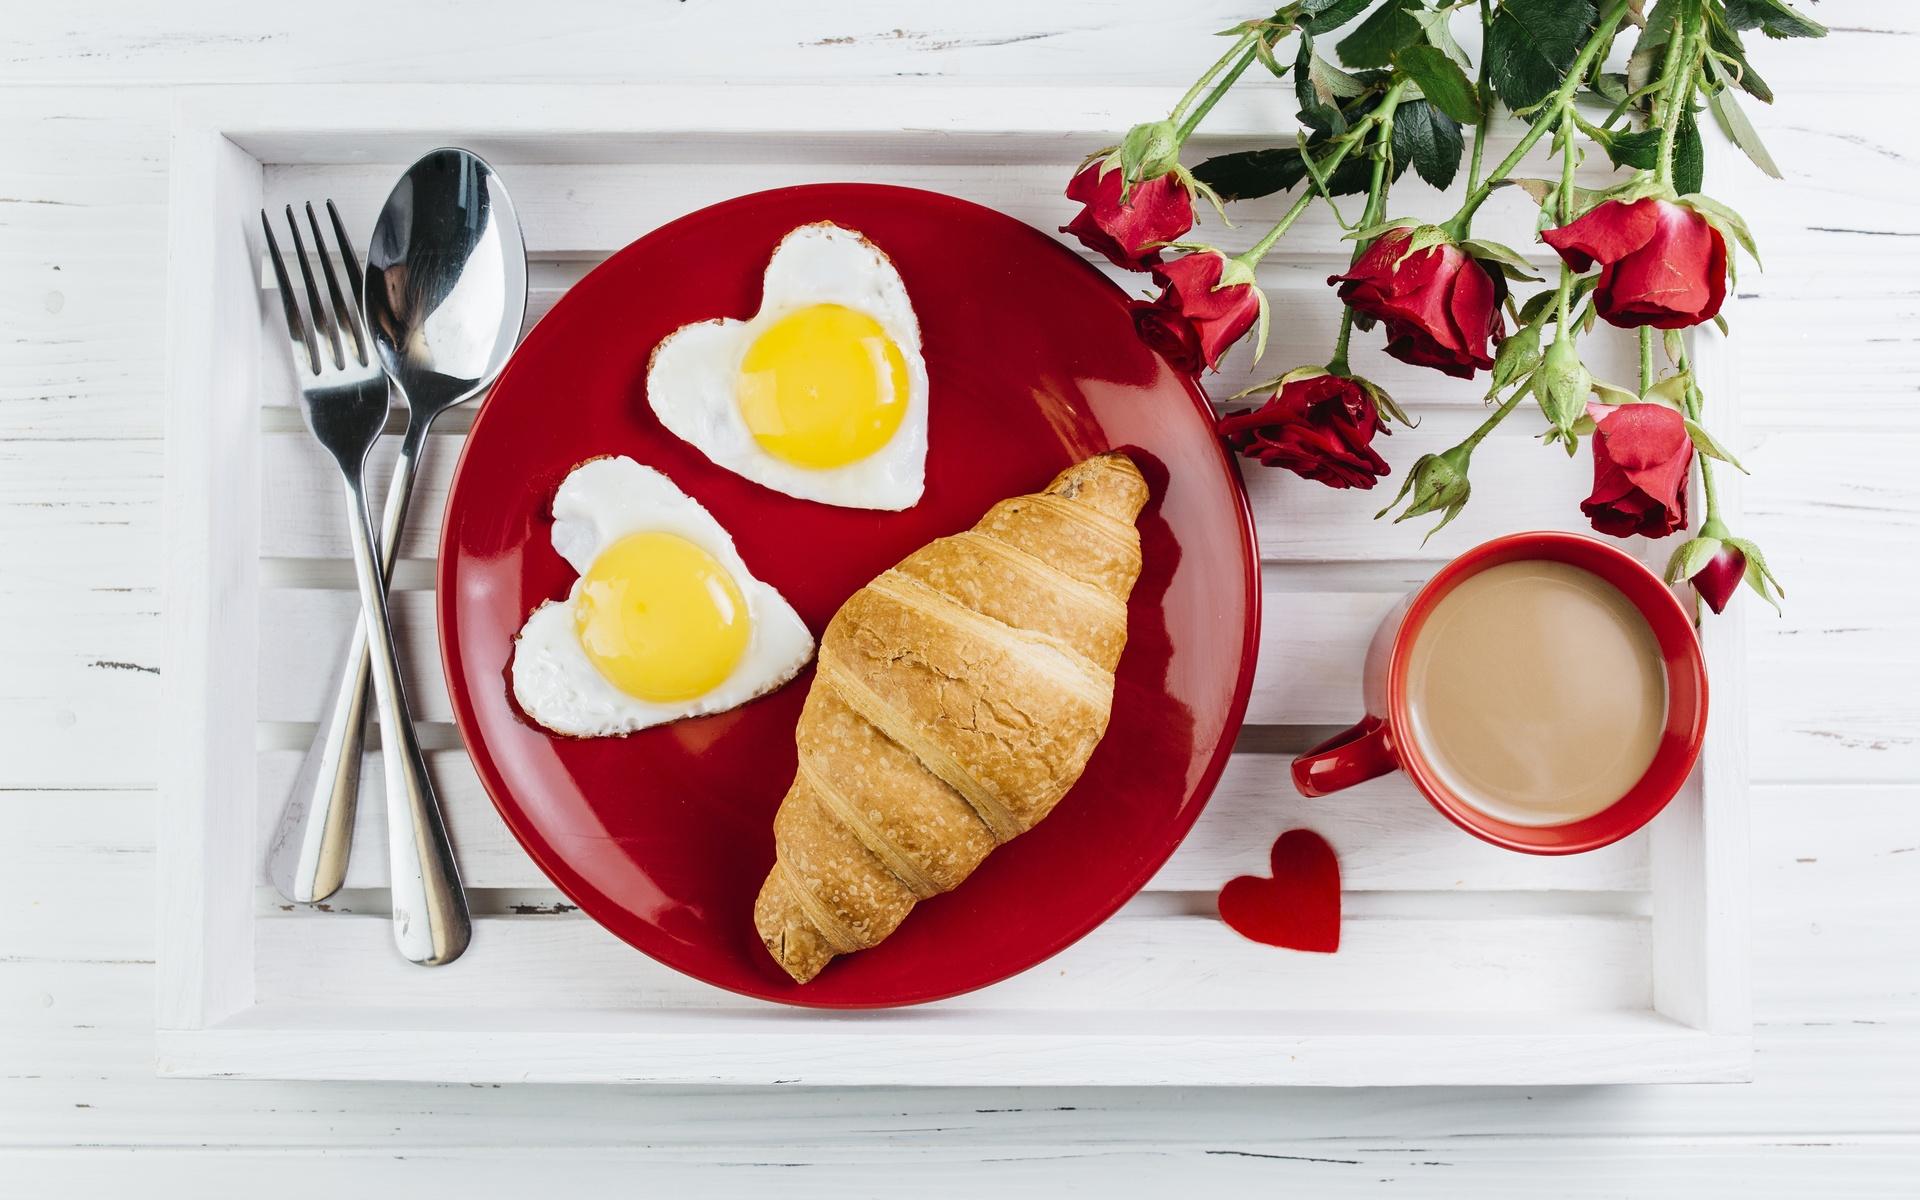 Яркий завтрак картинки